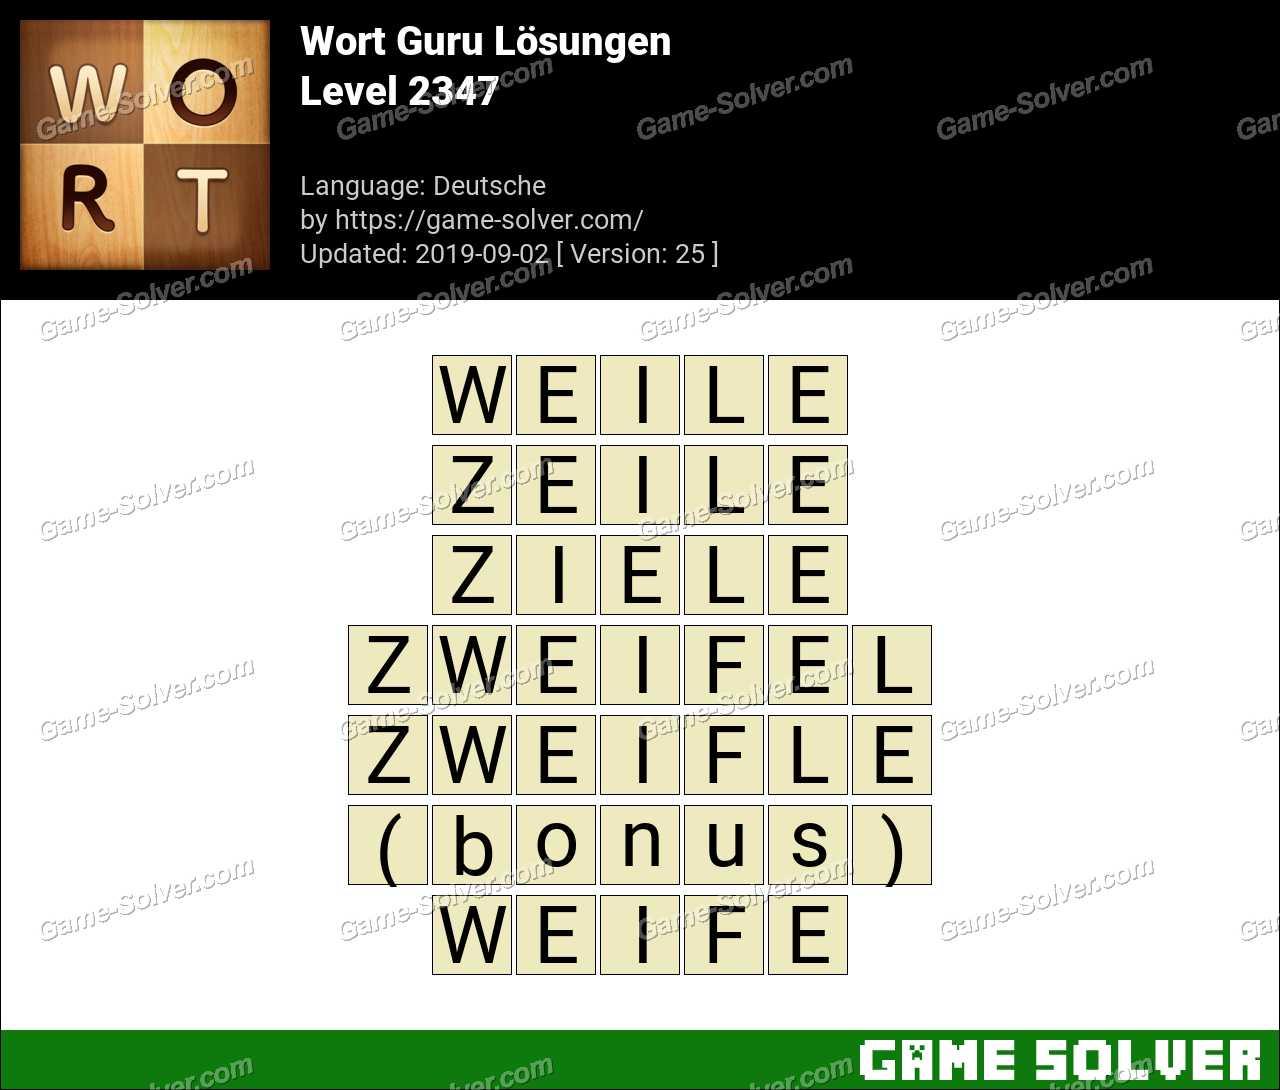 Wort Guru Level 2347 Lösungen